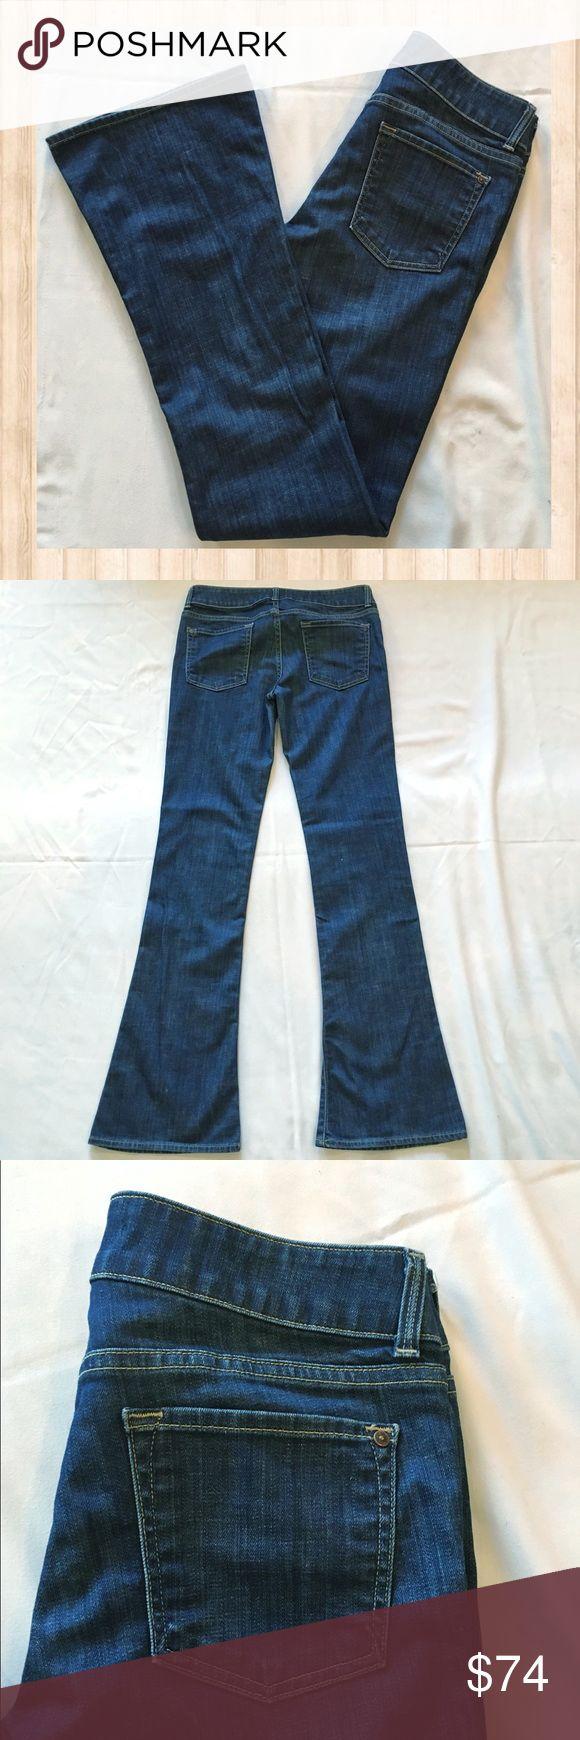 Vince blue med/dark wash flare jeans Vince blue med/dark wash flare jeans. Measurements coming soon! Vince Jeans Flare & Wide Leg